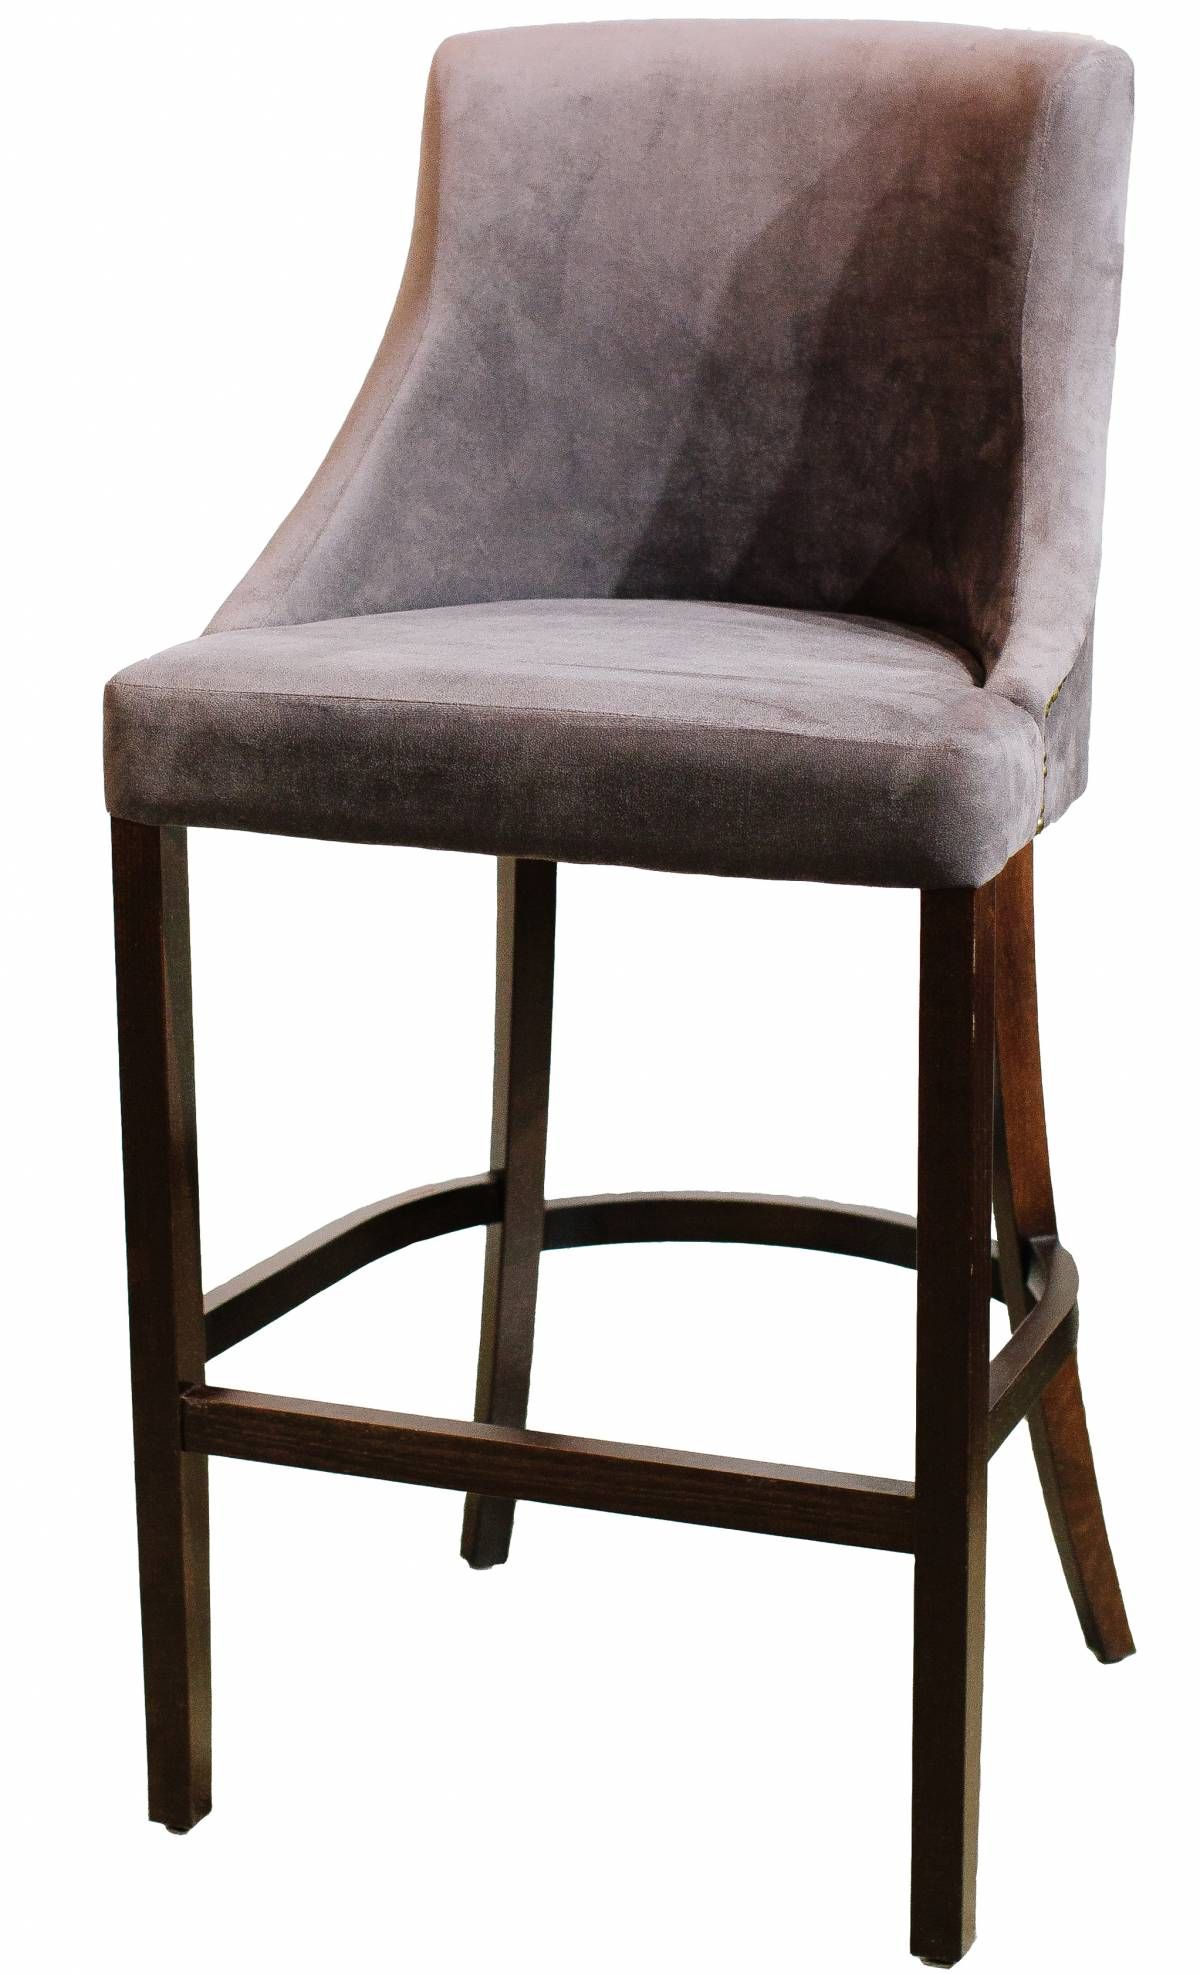 Купить стул барный GL591B в Raroom